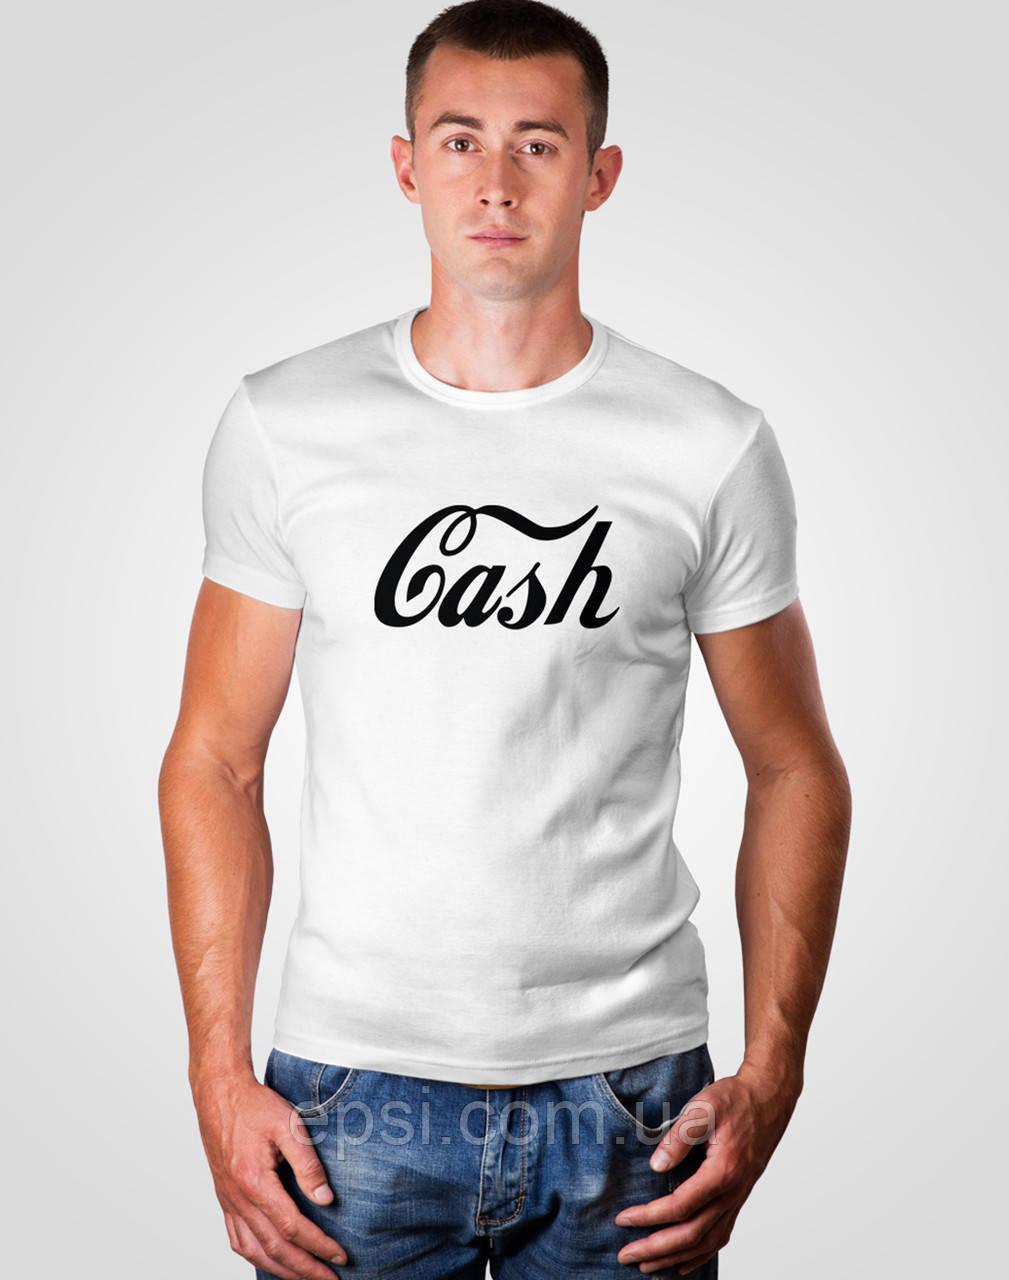 Футболка мужская с принтом Malta 18М063-17-П Cash1 M Белая (2901000191355)